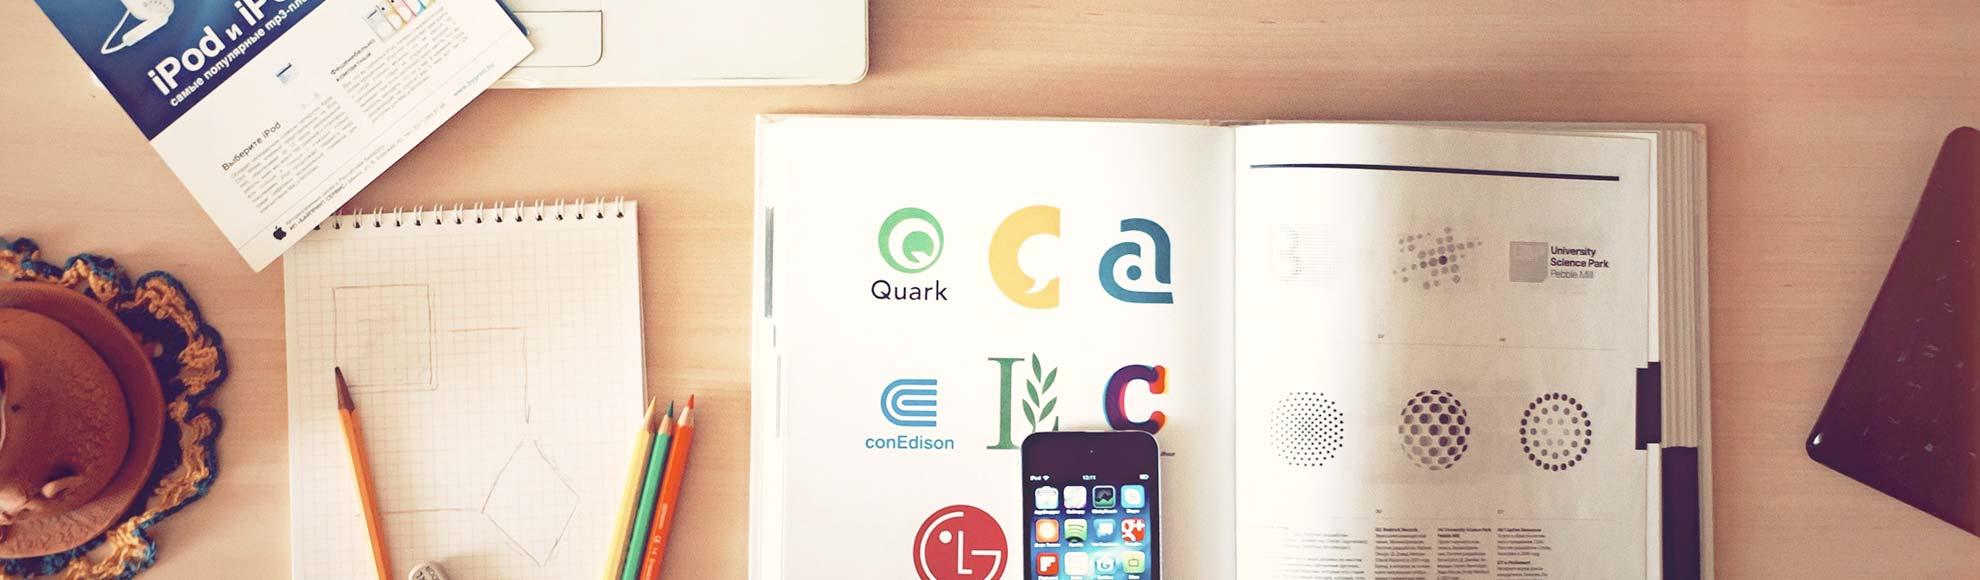 Opp app voor onderwijsinstellingen